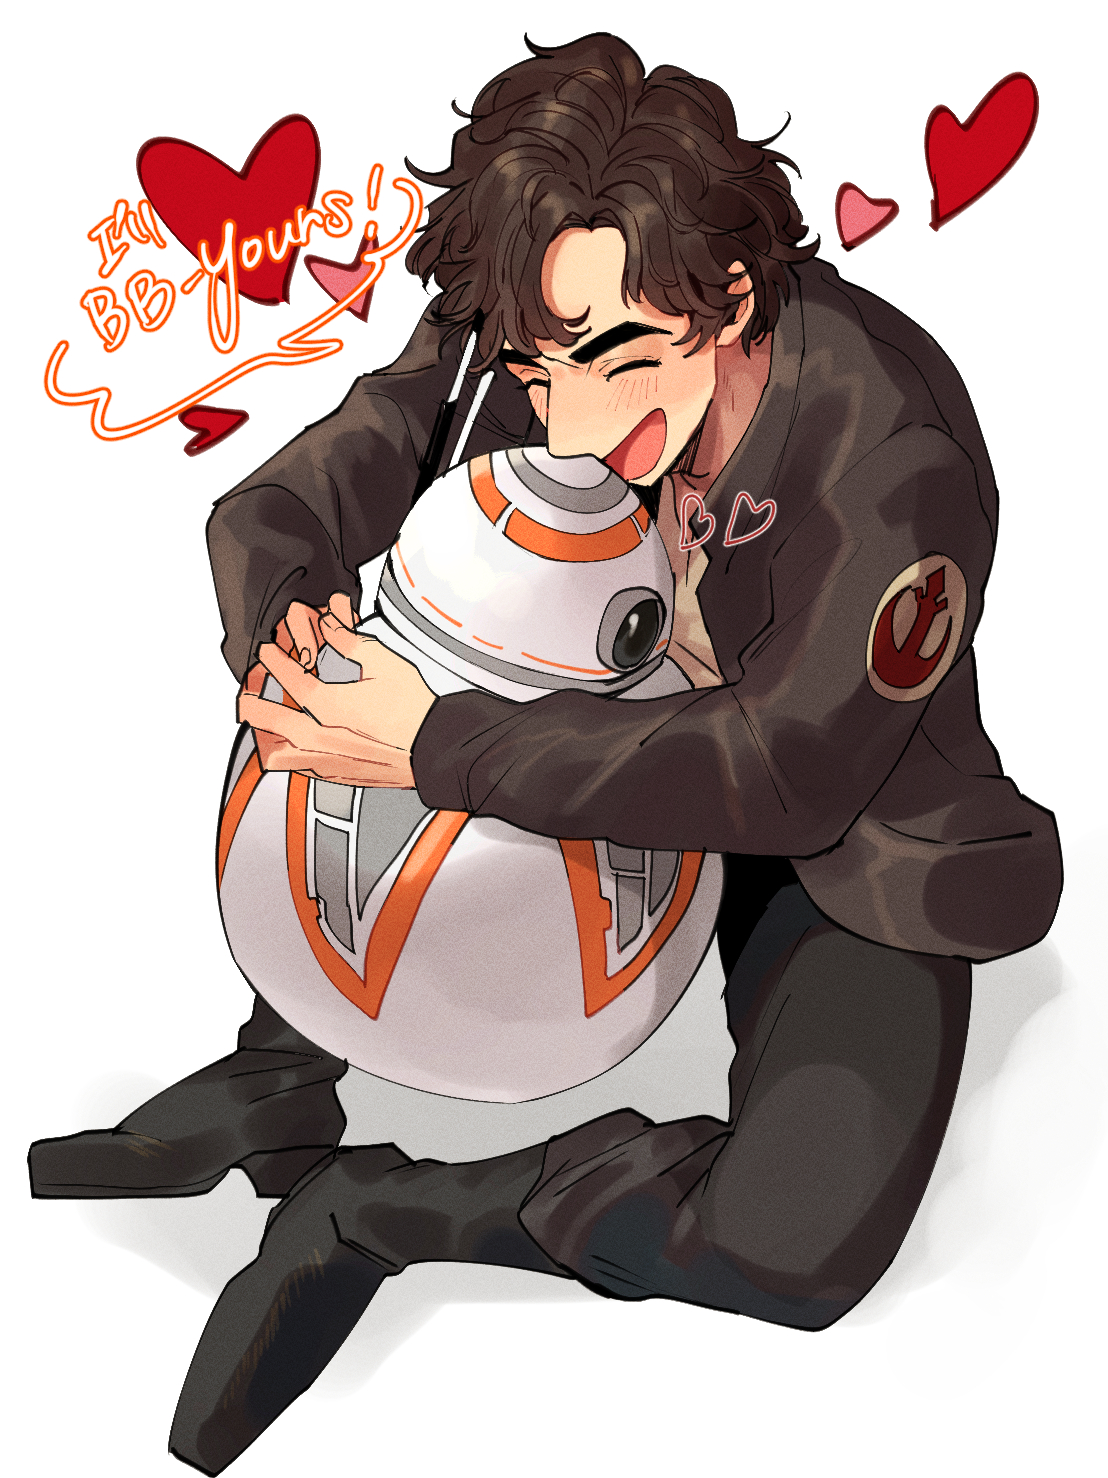 Anakin Skywalker - Star Wars - Image #1185656 - Zerochan